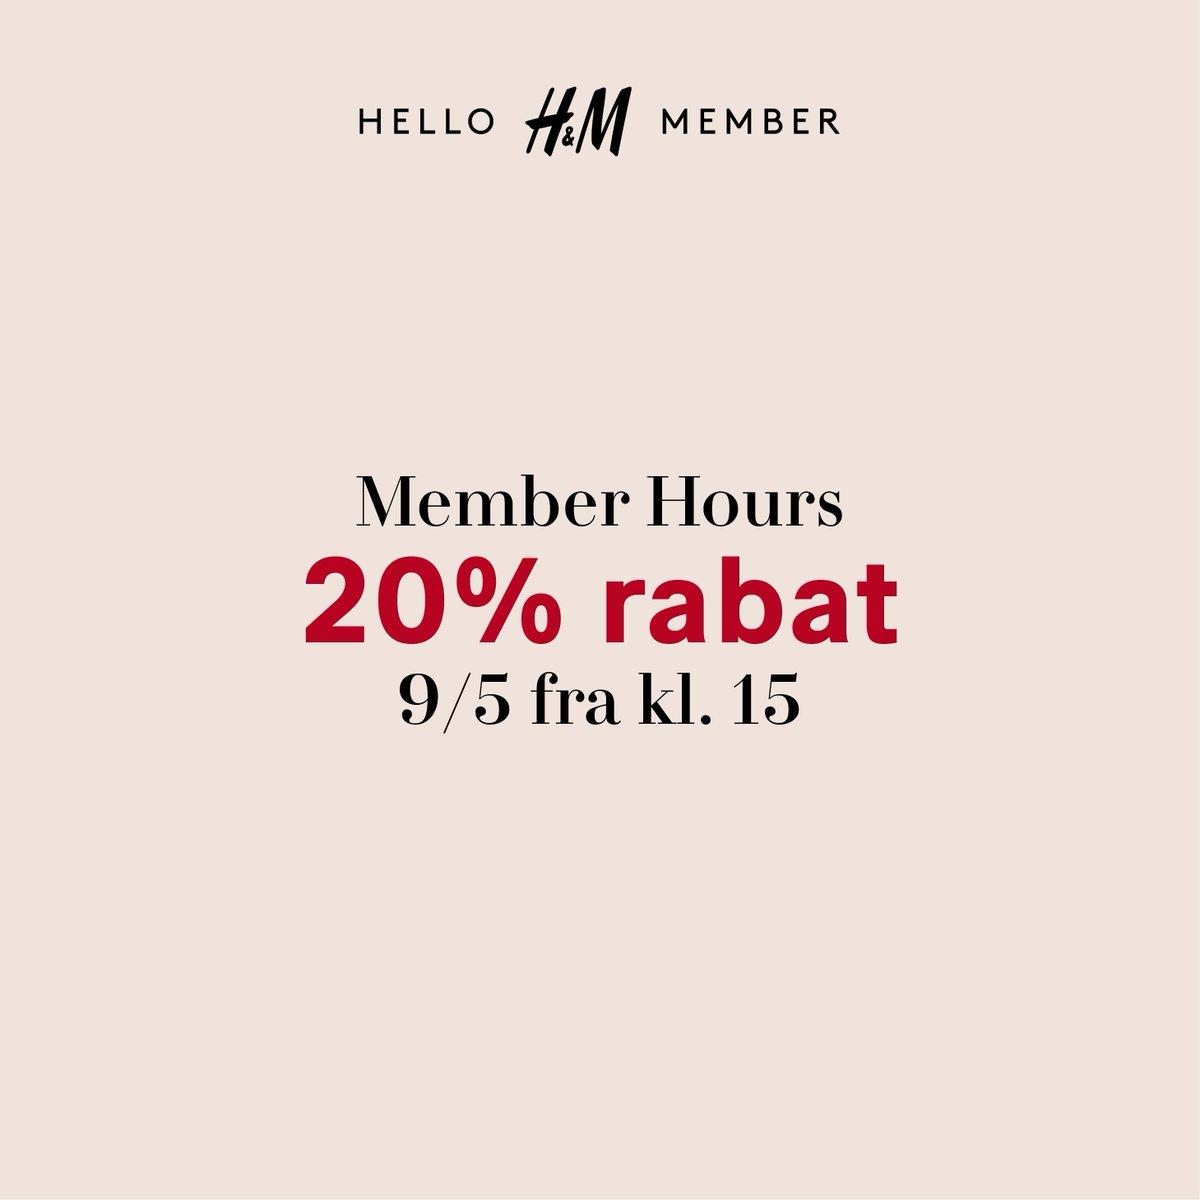 Member Hours i morgen, torsdag d. 9/5 fra kl. 15! Få 20% RABAT på hele dit køb i alle H&M-butikker og online - i butikkerne fra kl. 15 til lukketid og fra kl. 15-21 online. Ikke medlem? Meld dig gratis ind via H&M-appen. Rabatten opnås ved indløsning af reward. #HMMember https://t.co/V5Gar3EIBt